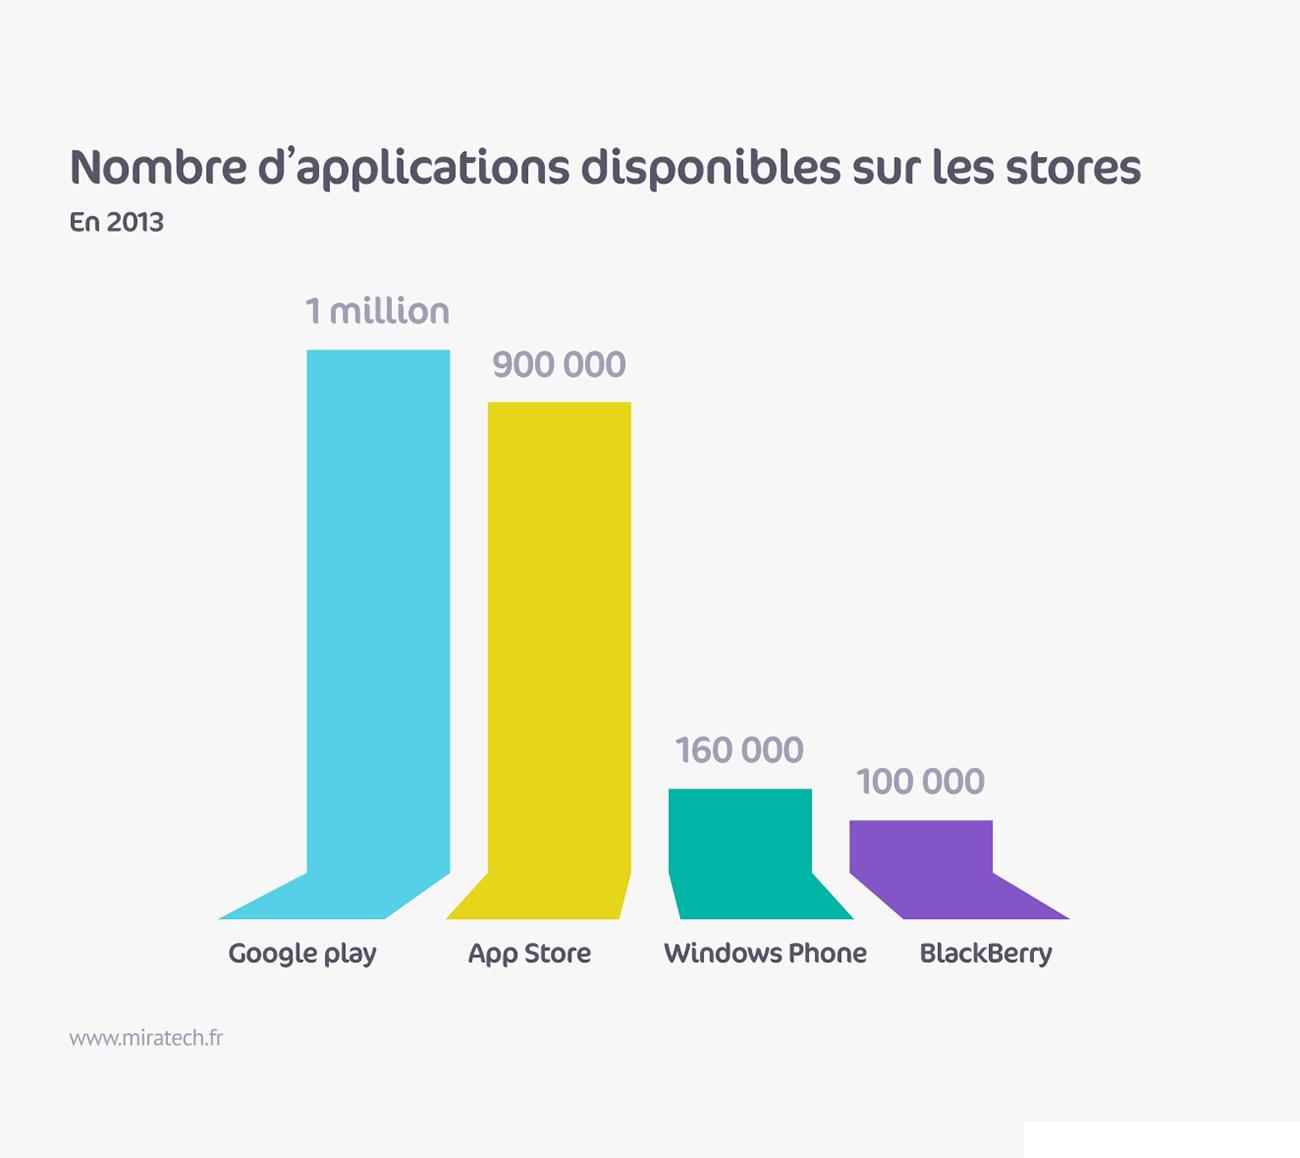 Nombre d'applications disponibles sur les stores